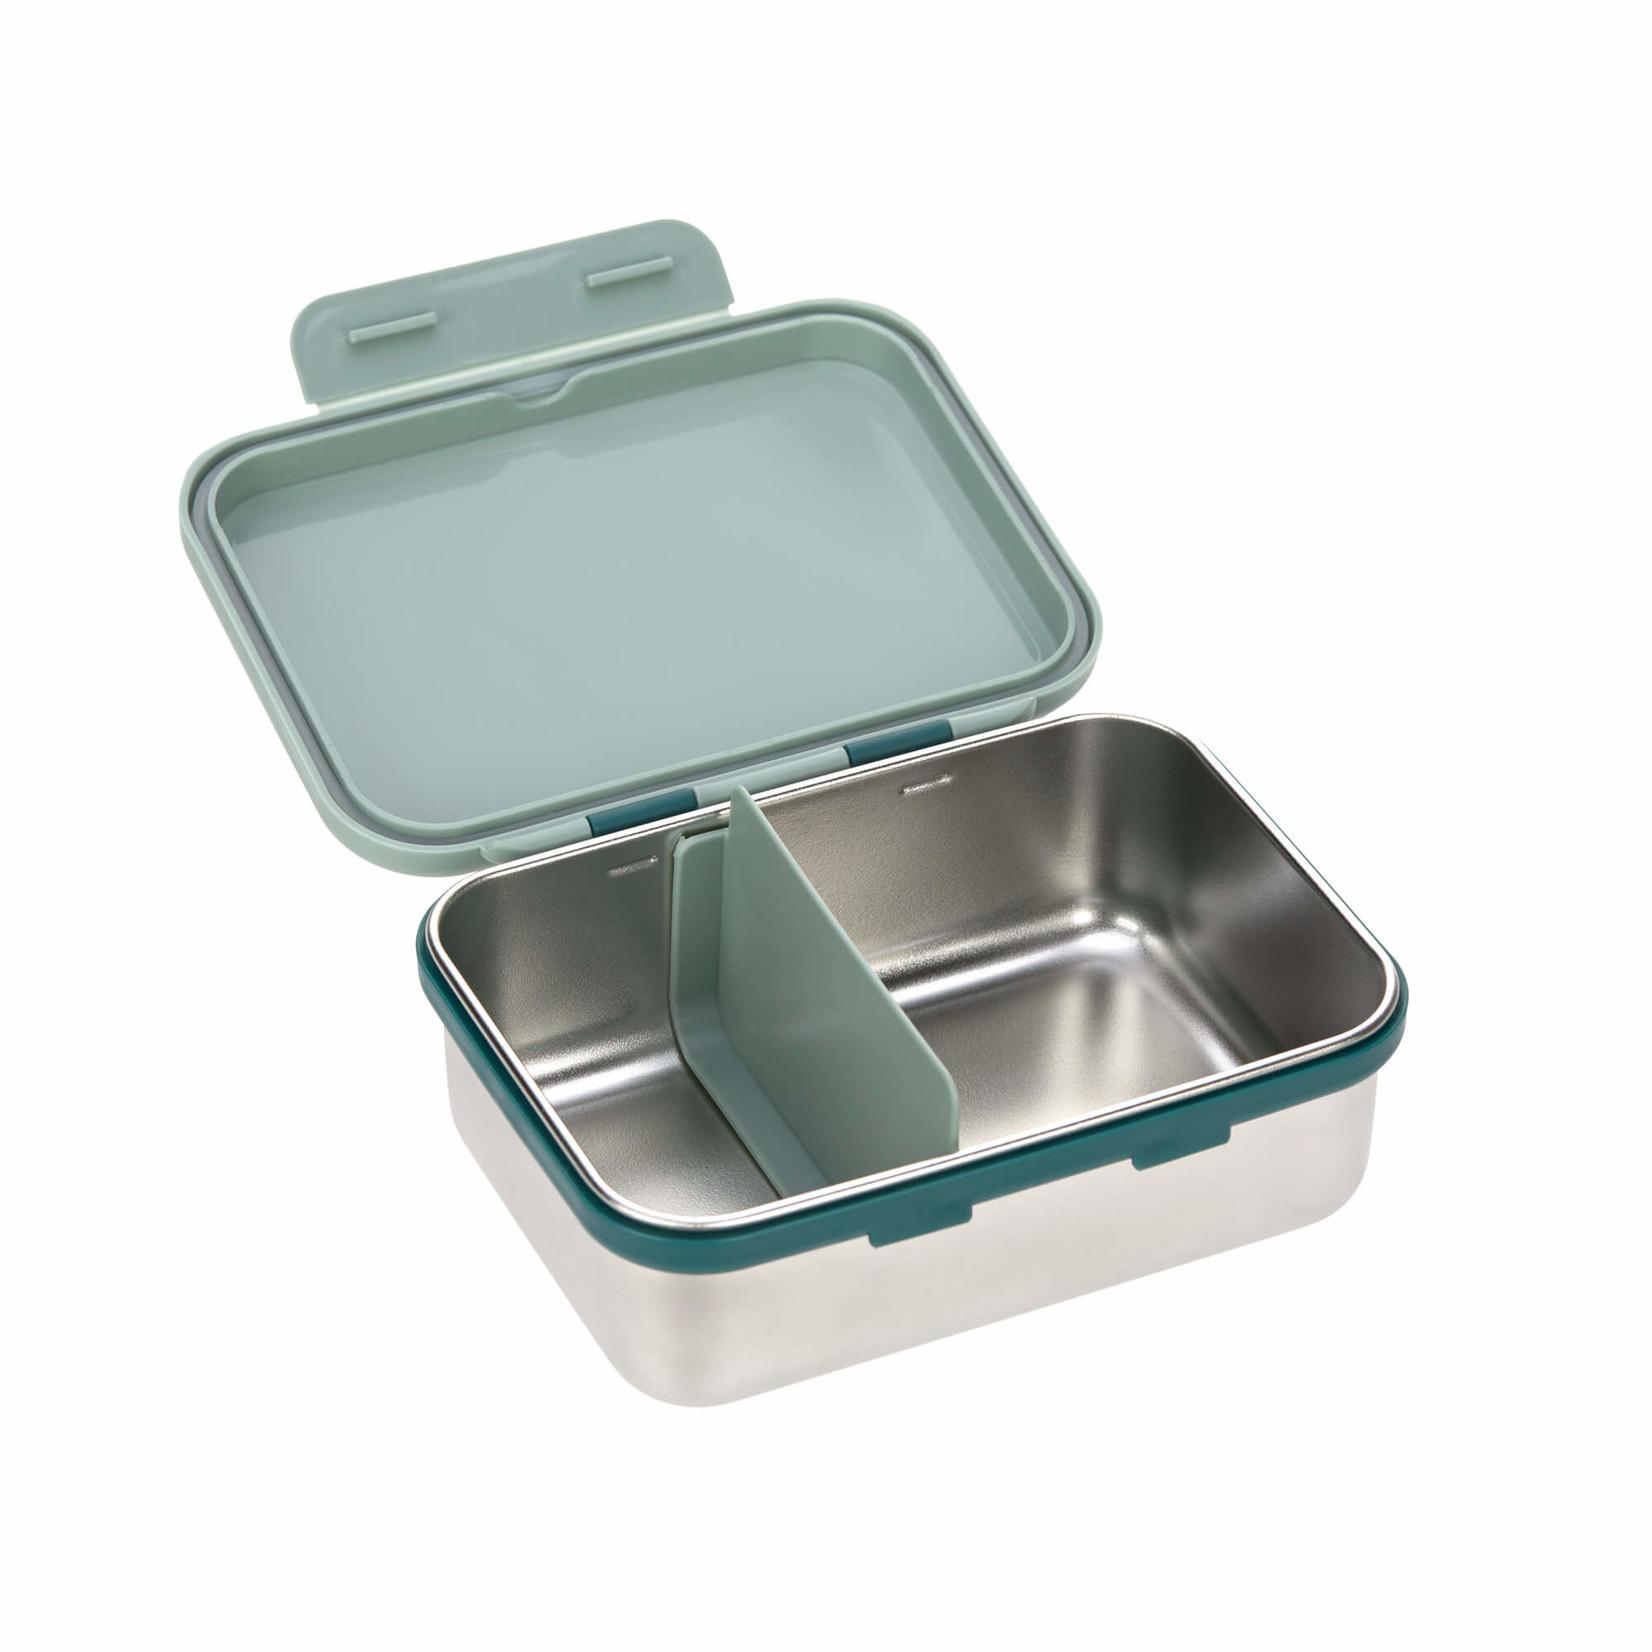 Lässig Fashion Praktische Lunchbox aus Edelstahl in blau